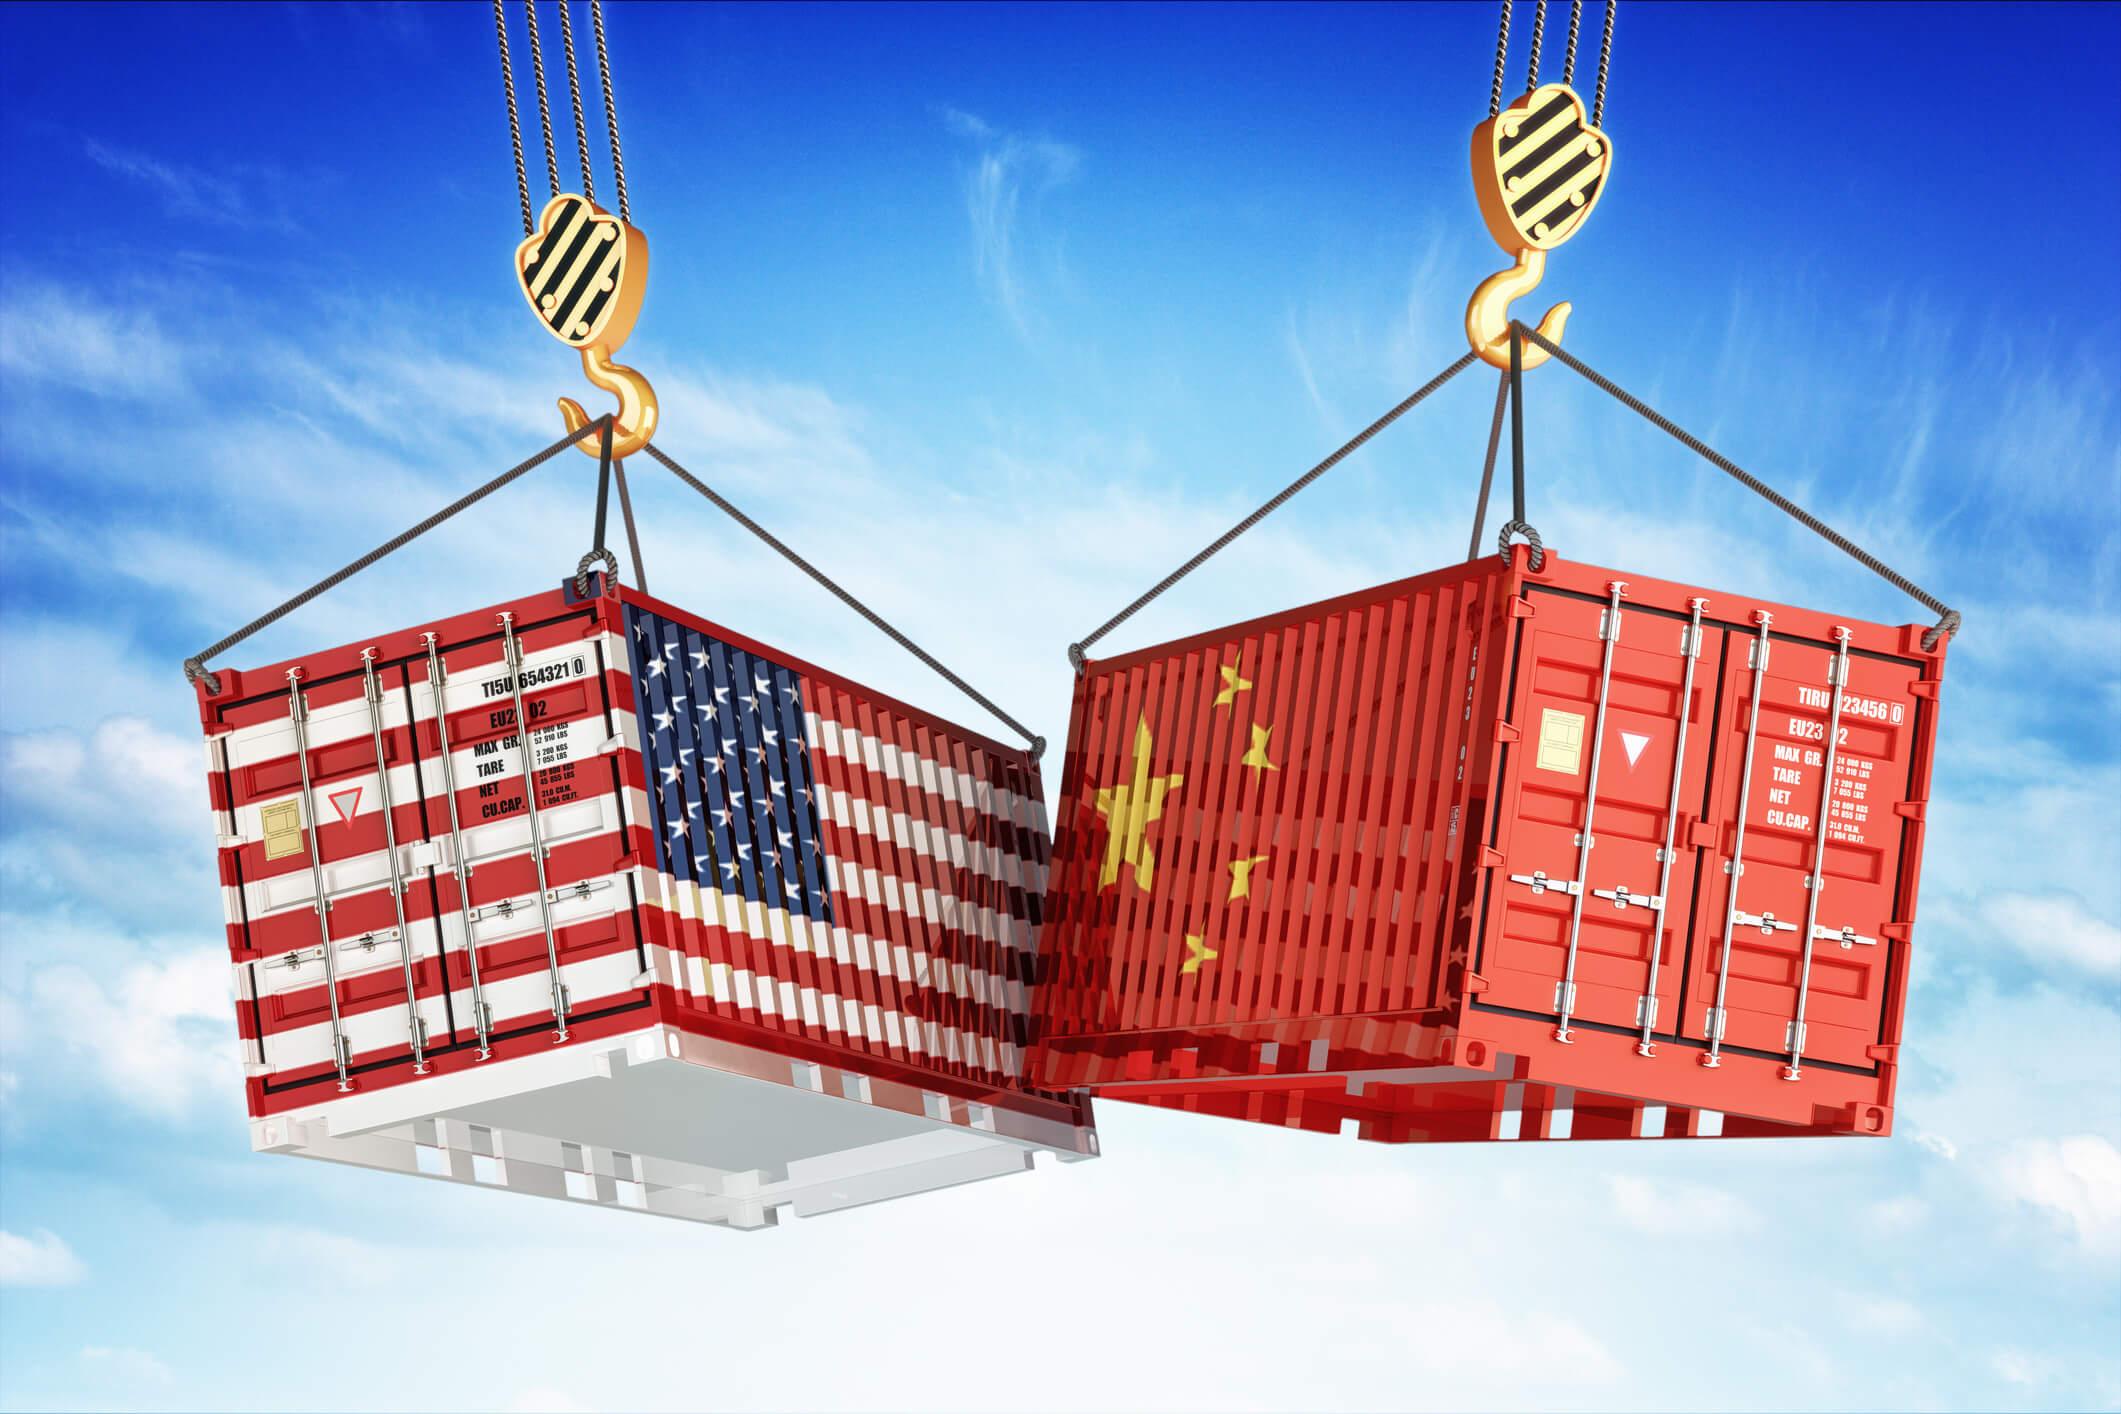 Guerra commerciale: una breve guida per comprendere la situazione attuale